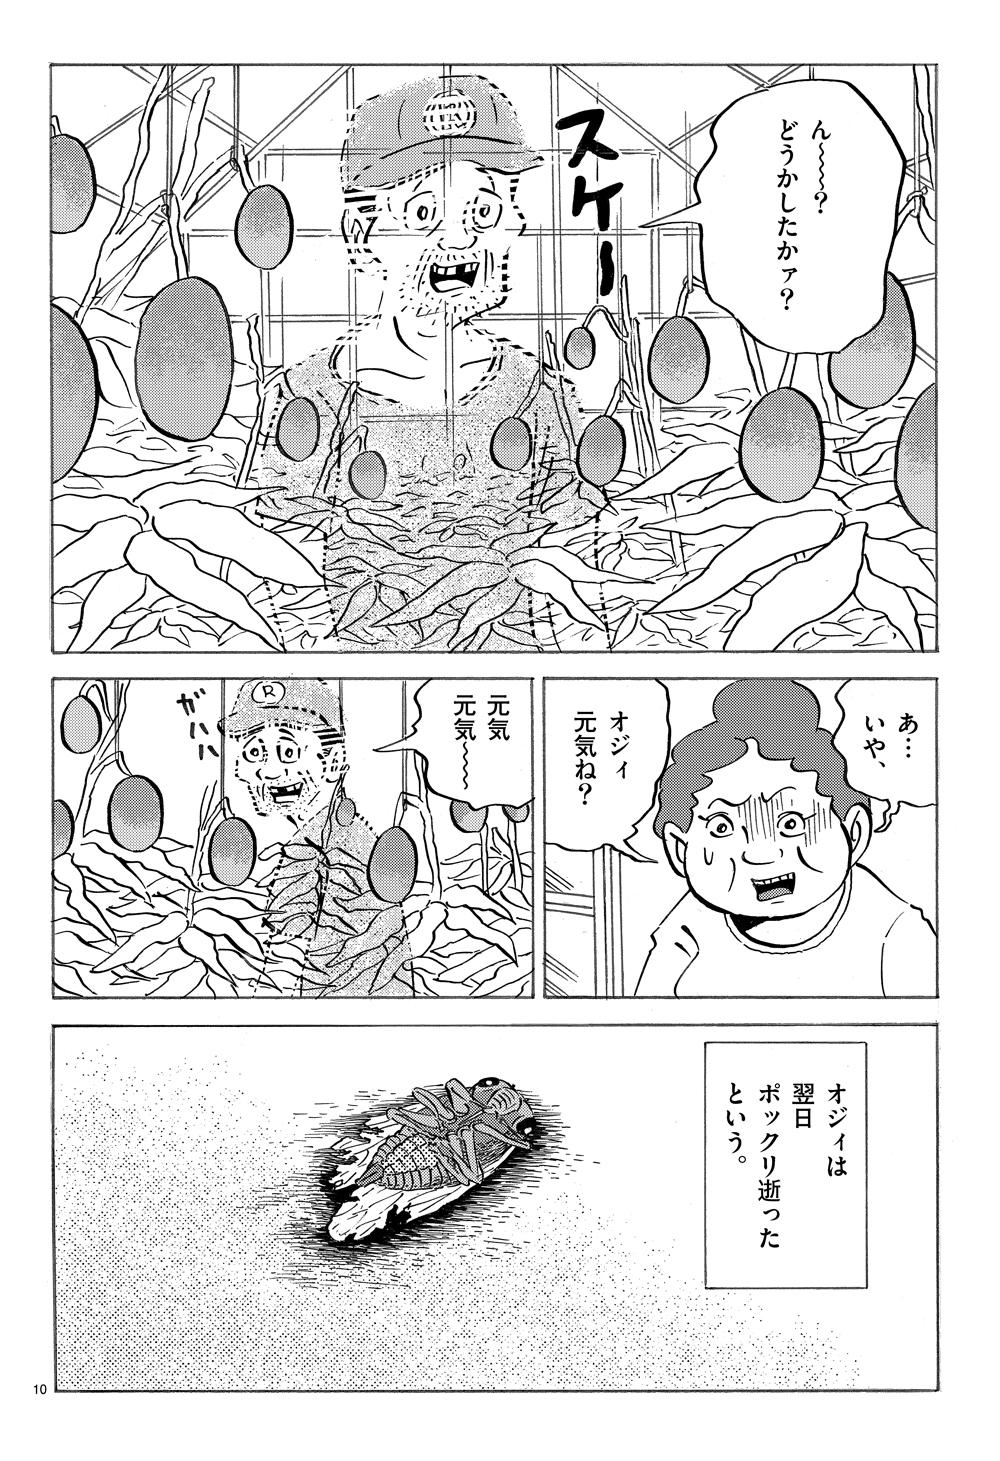 琉球怪談 【第5話】WEB掲載10ページ目画像